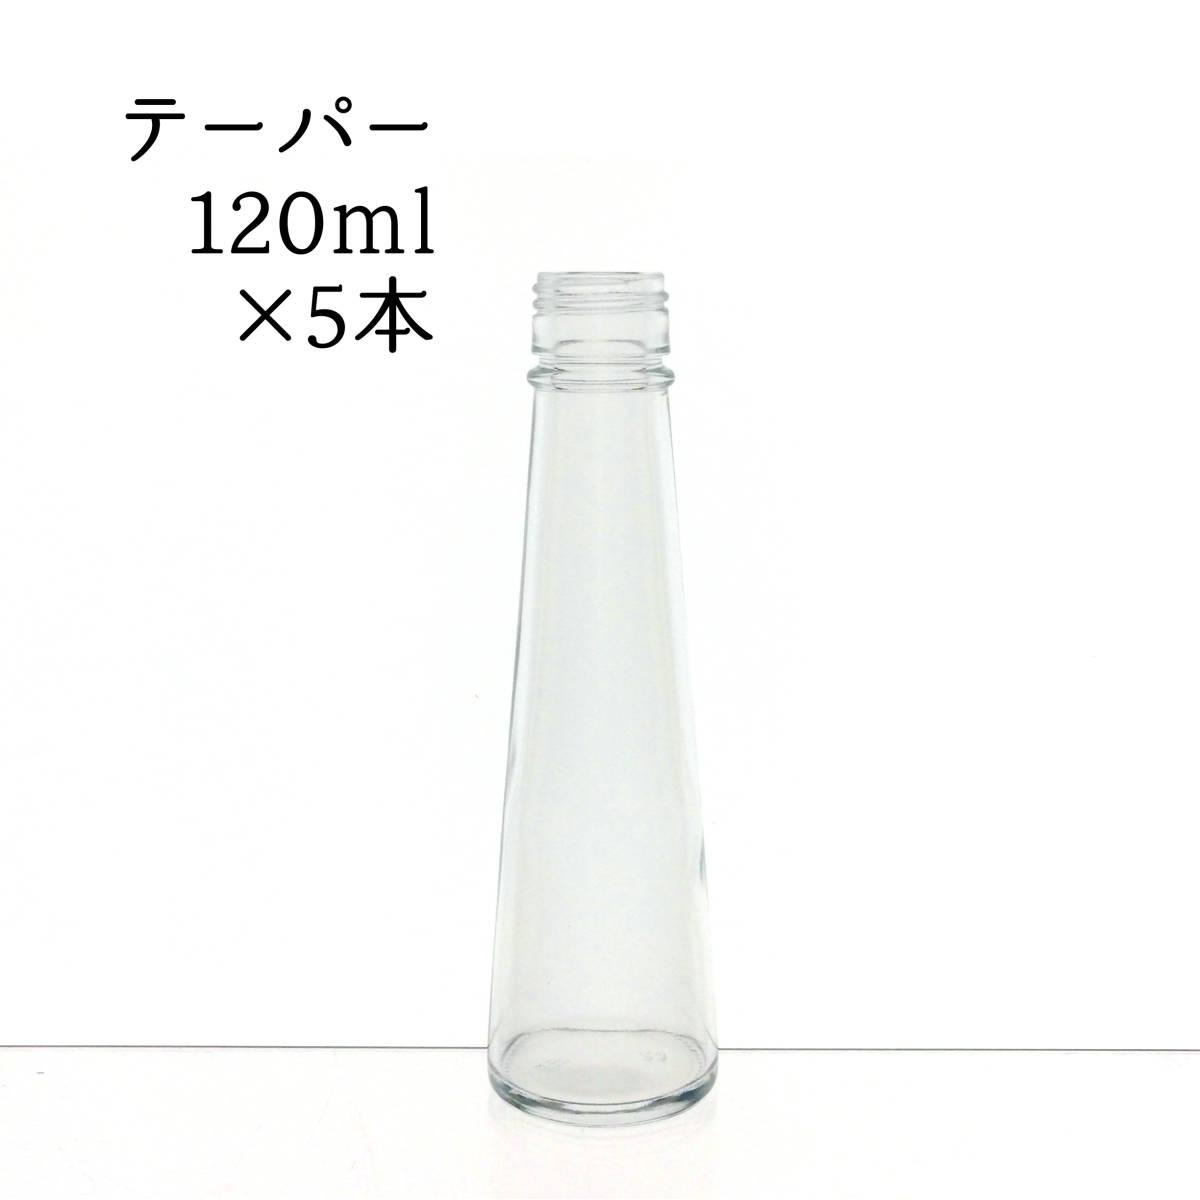 ハーバリウム瓶 テーパー120ml 5本 ♪♪_画像1